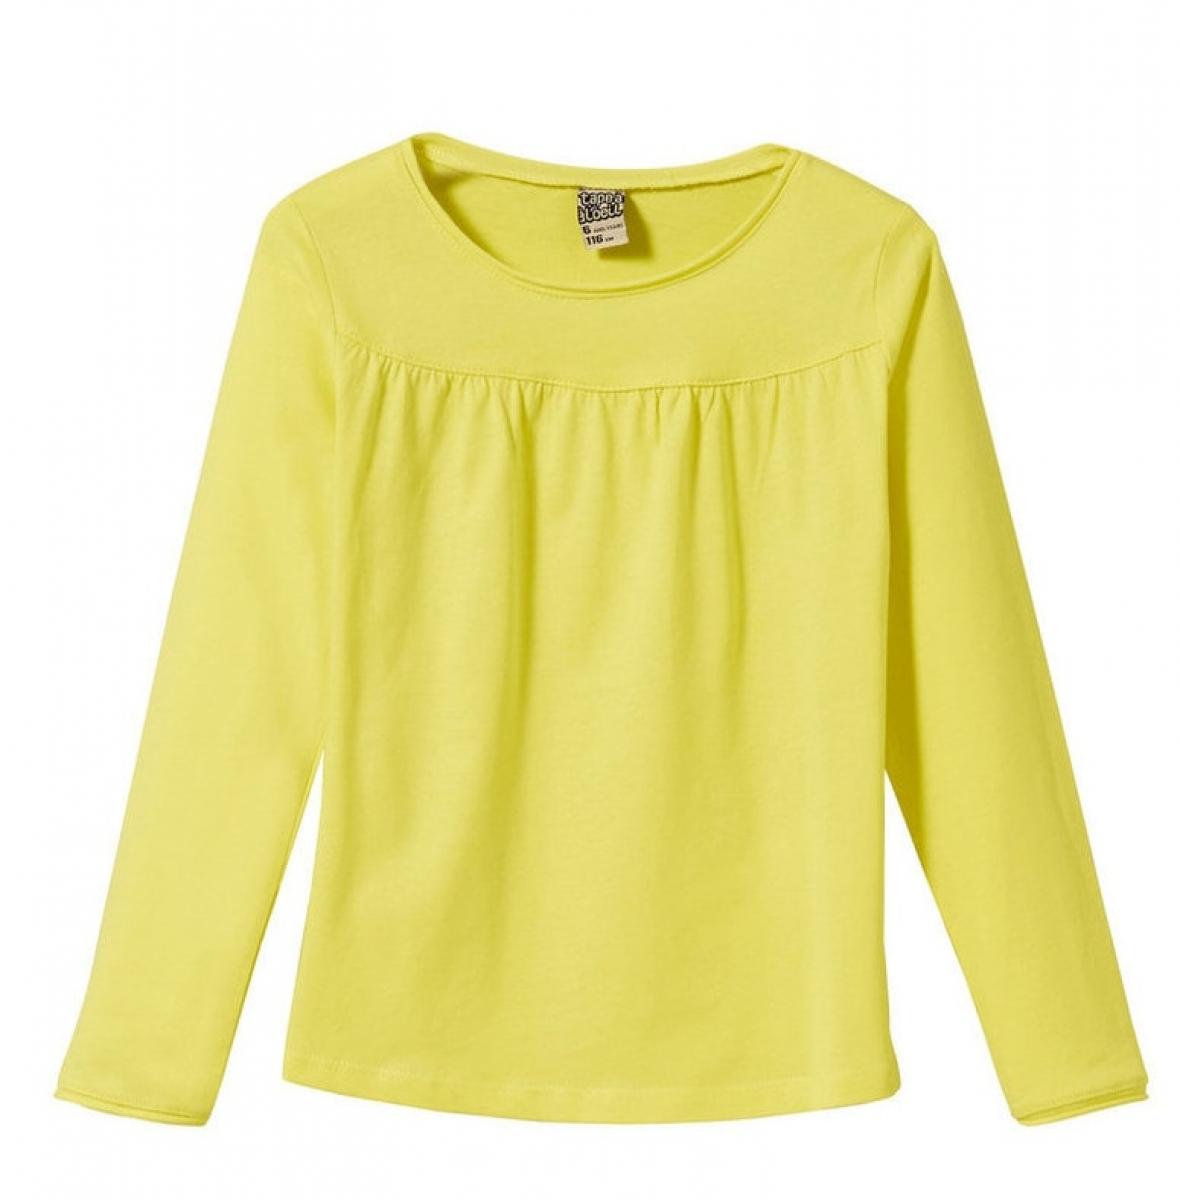 Лимонная Блузка В Самаре